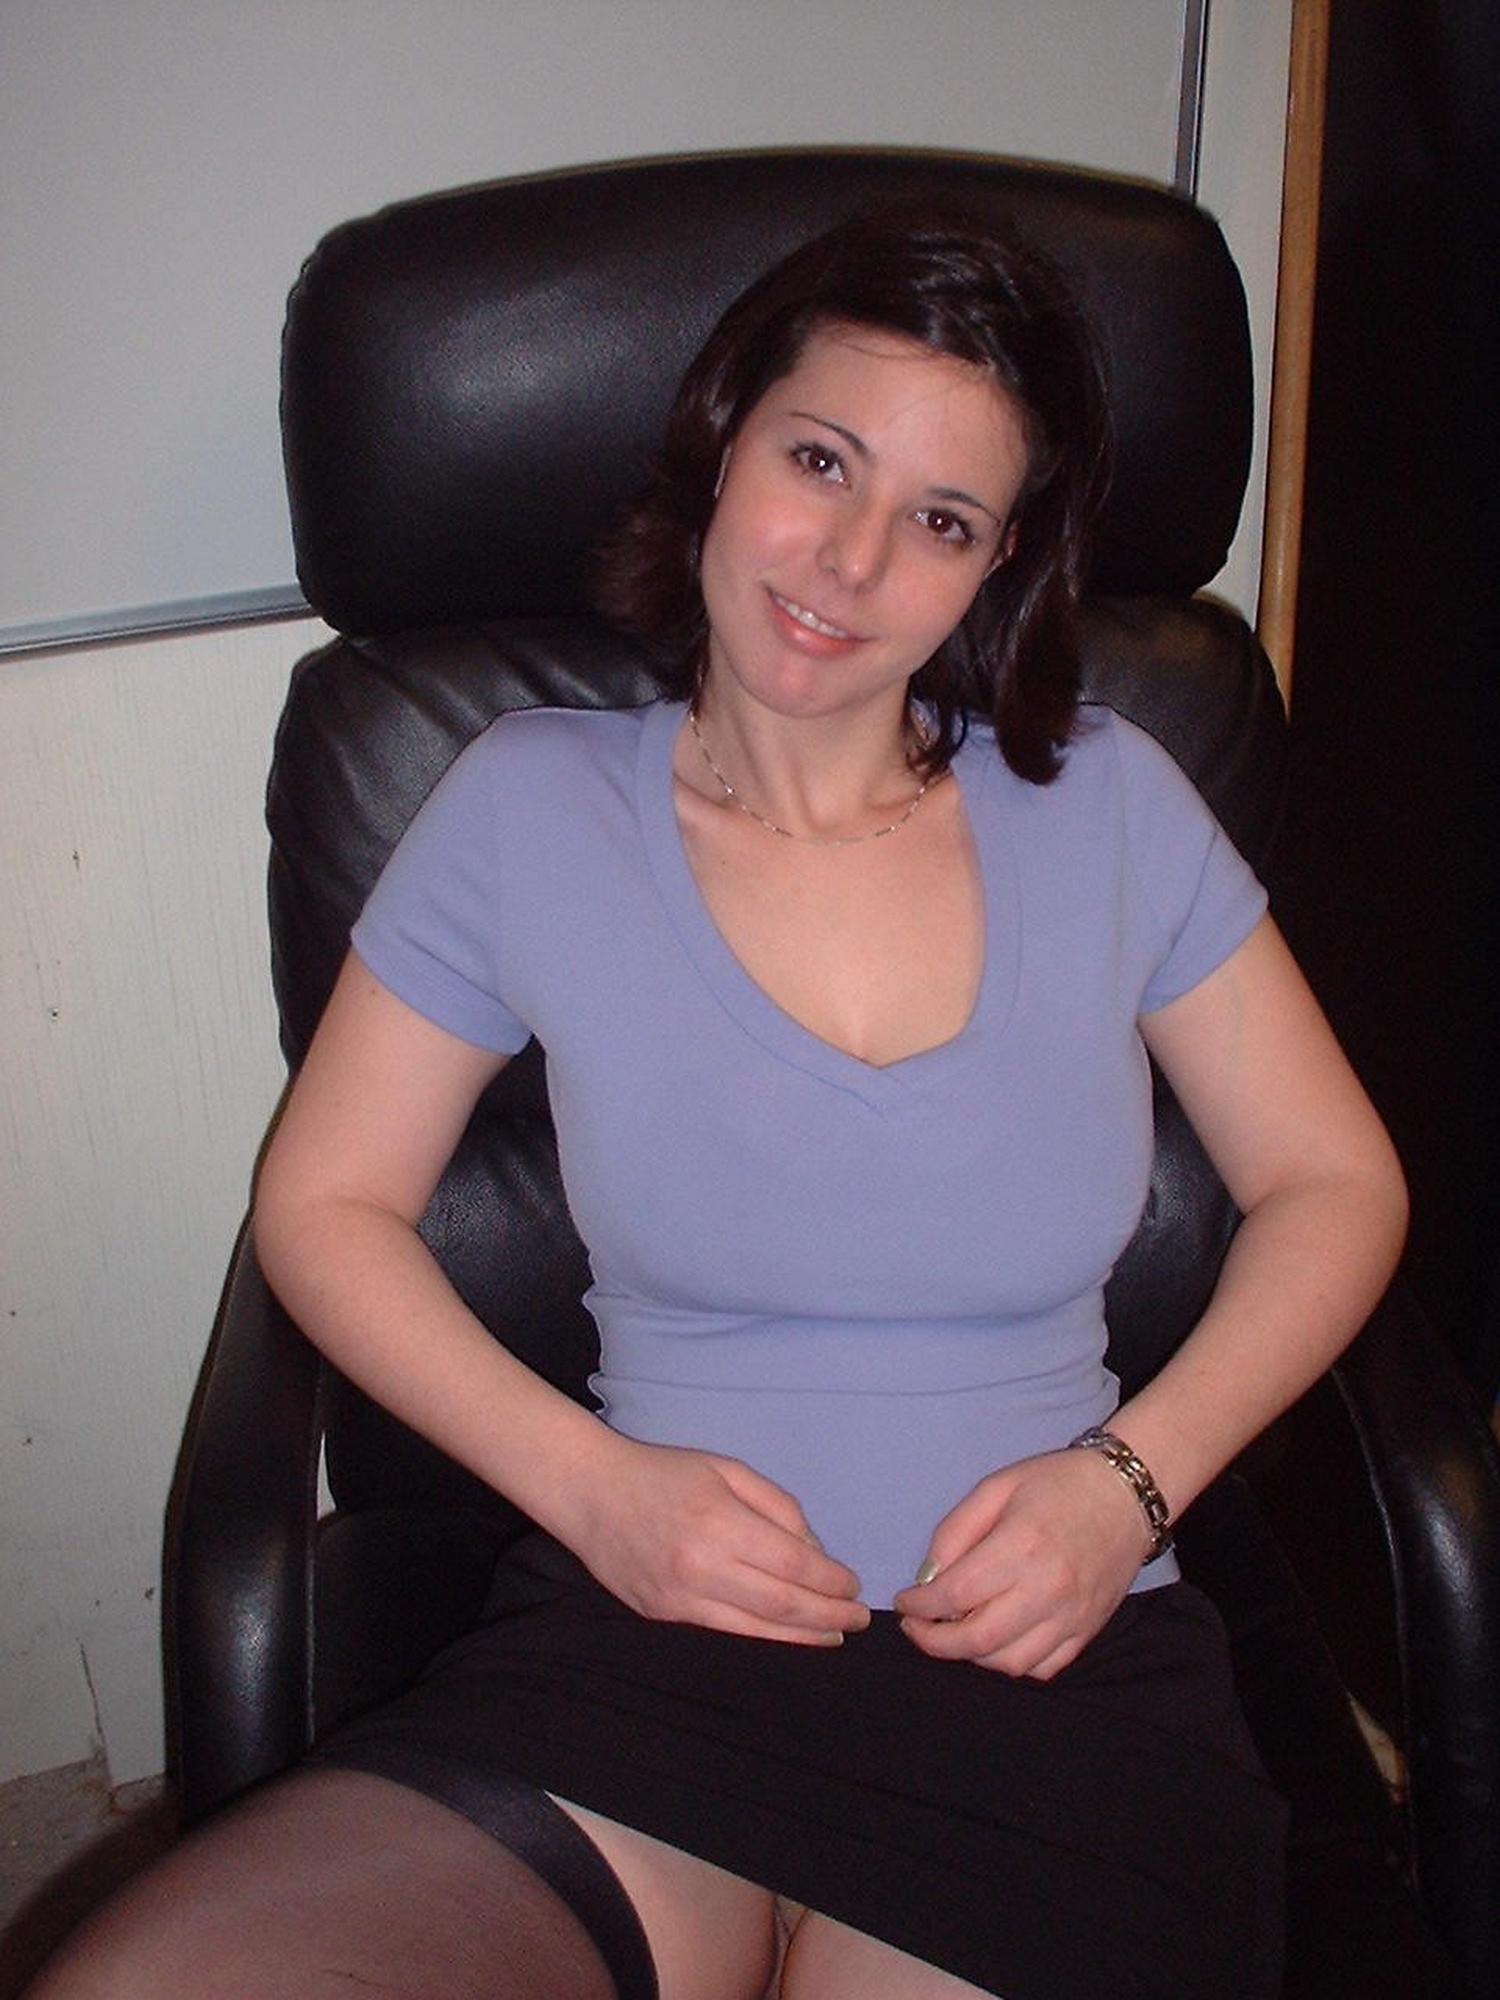 Баба имеет мохнатку пальчиками сидя в кресле